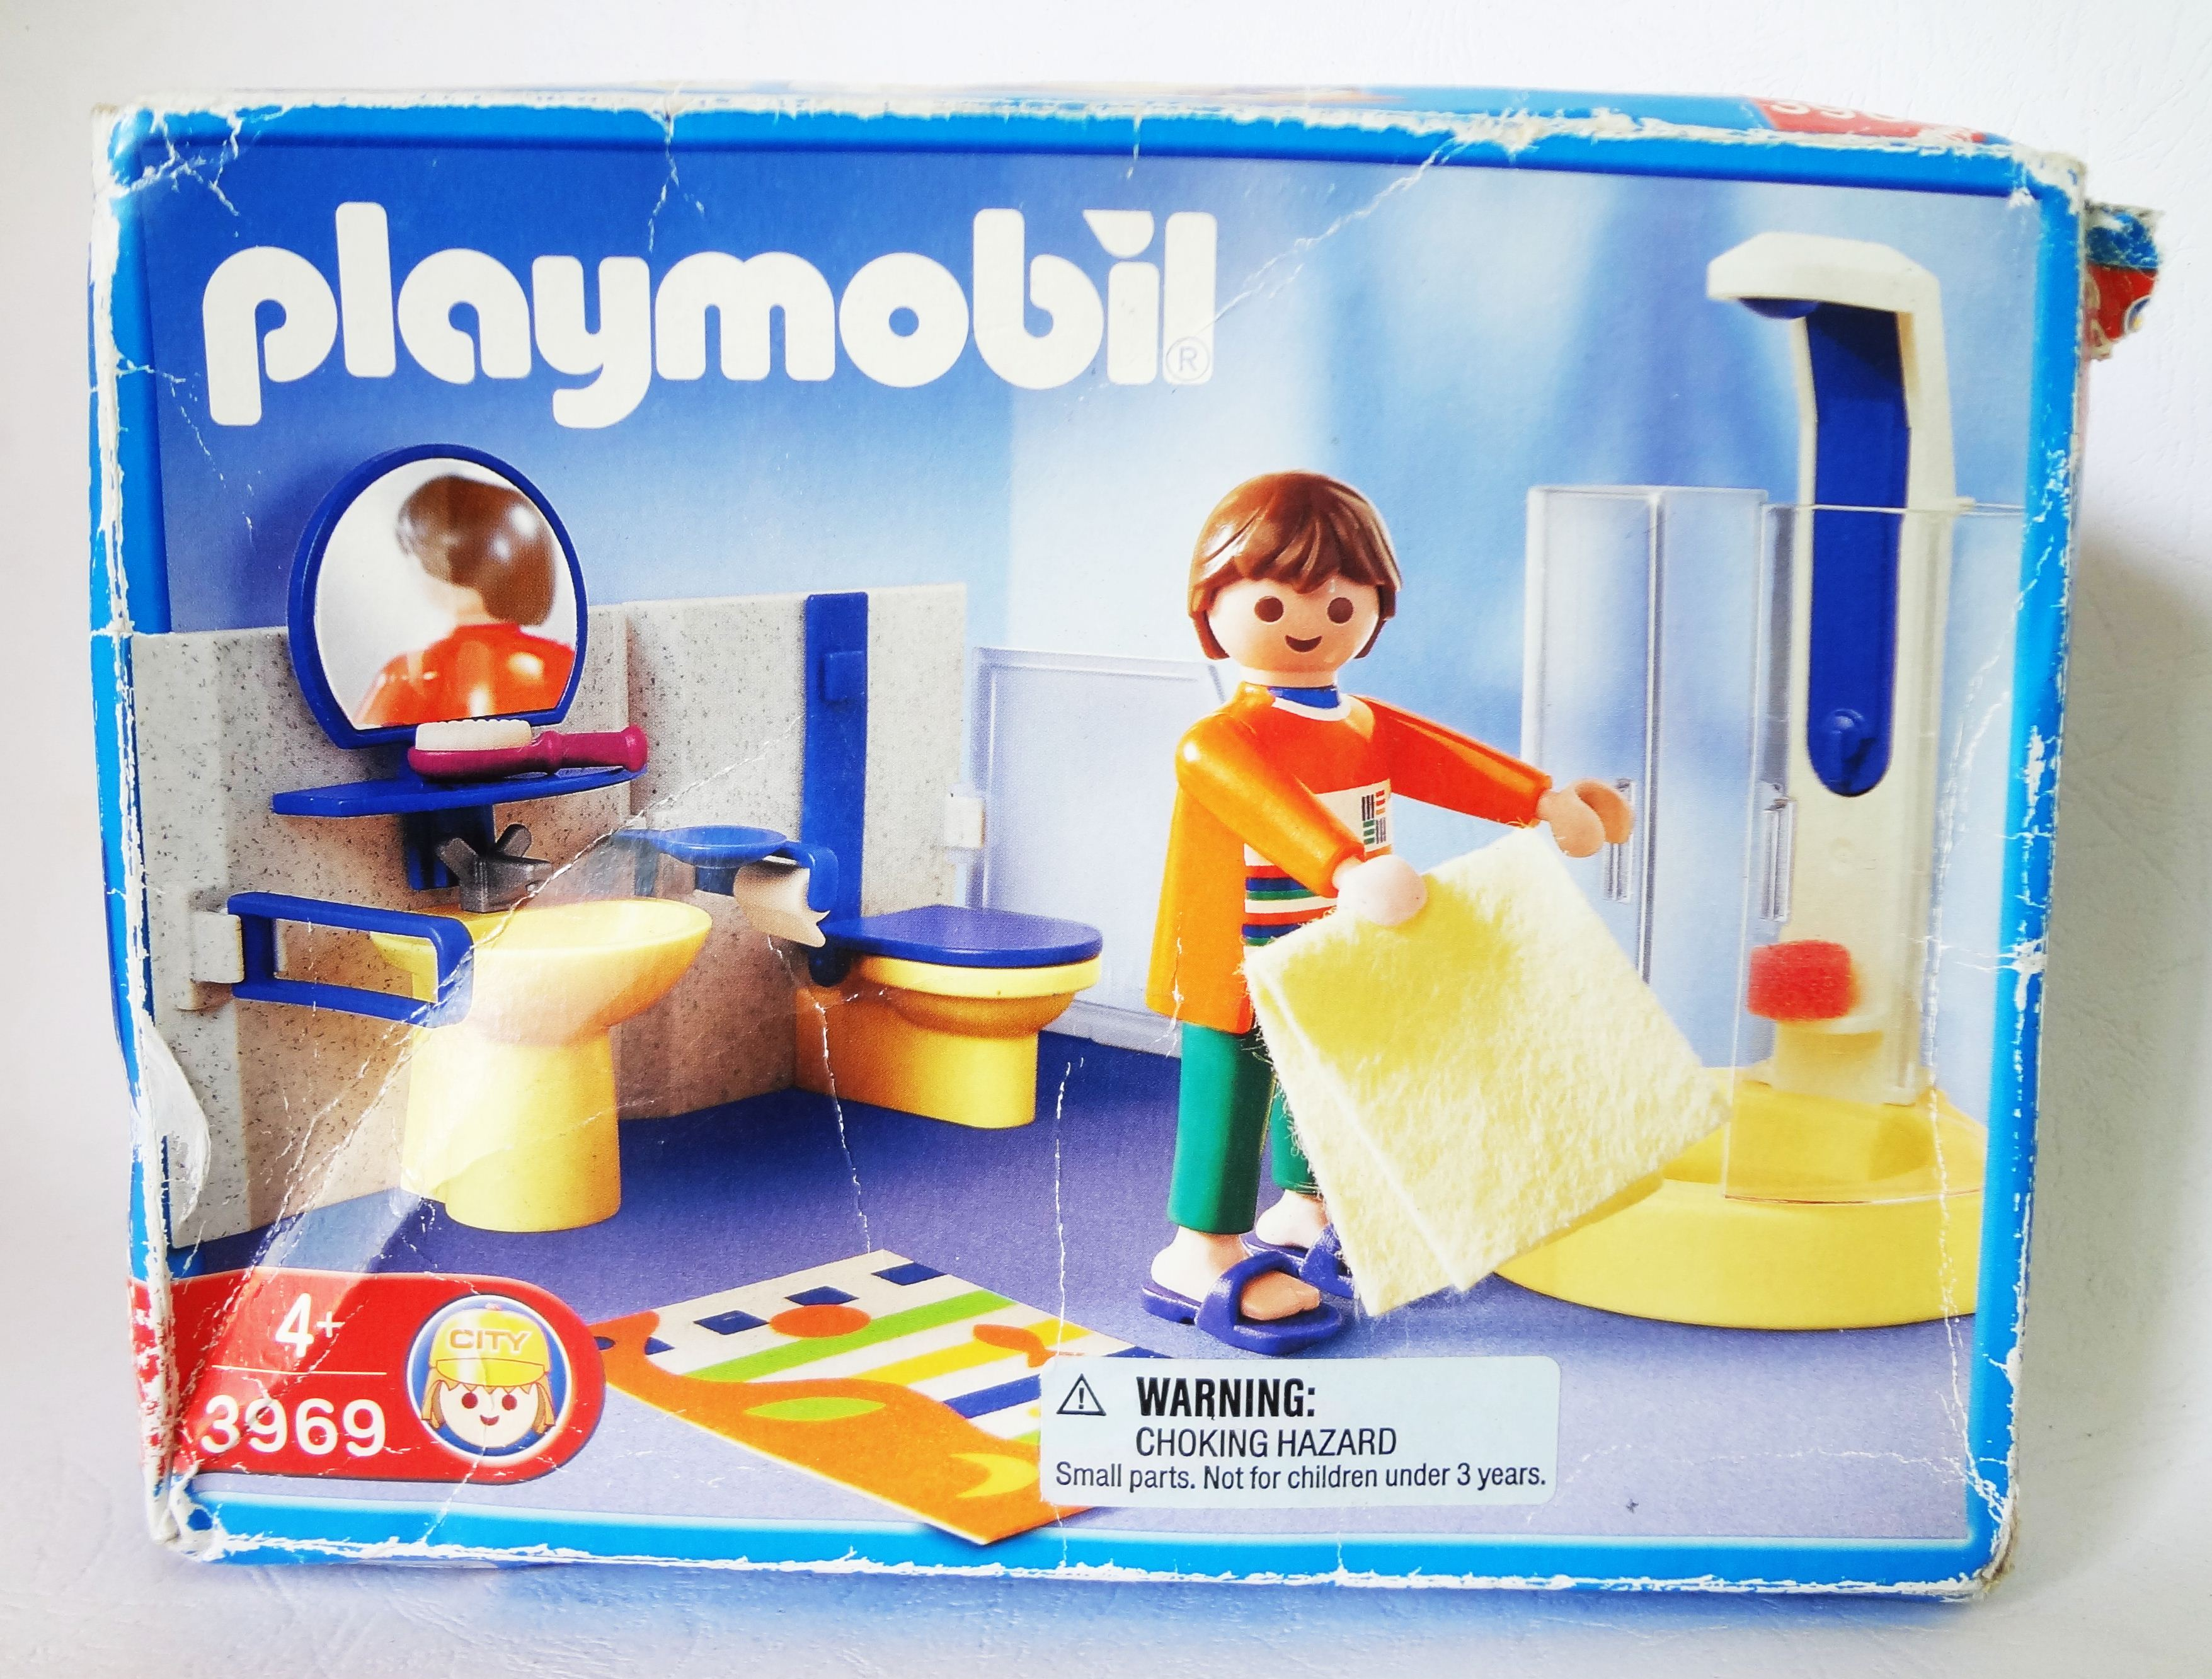 ชุดของเล่น Playmobil 3969 : Modern Bathroom